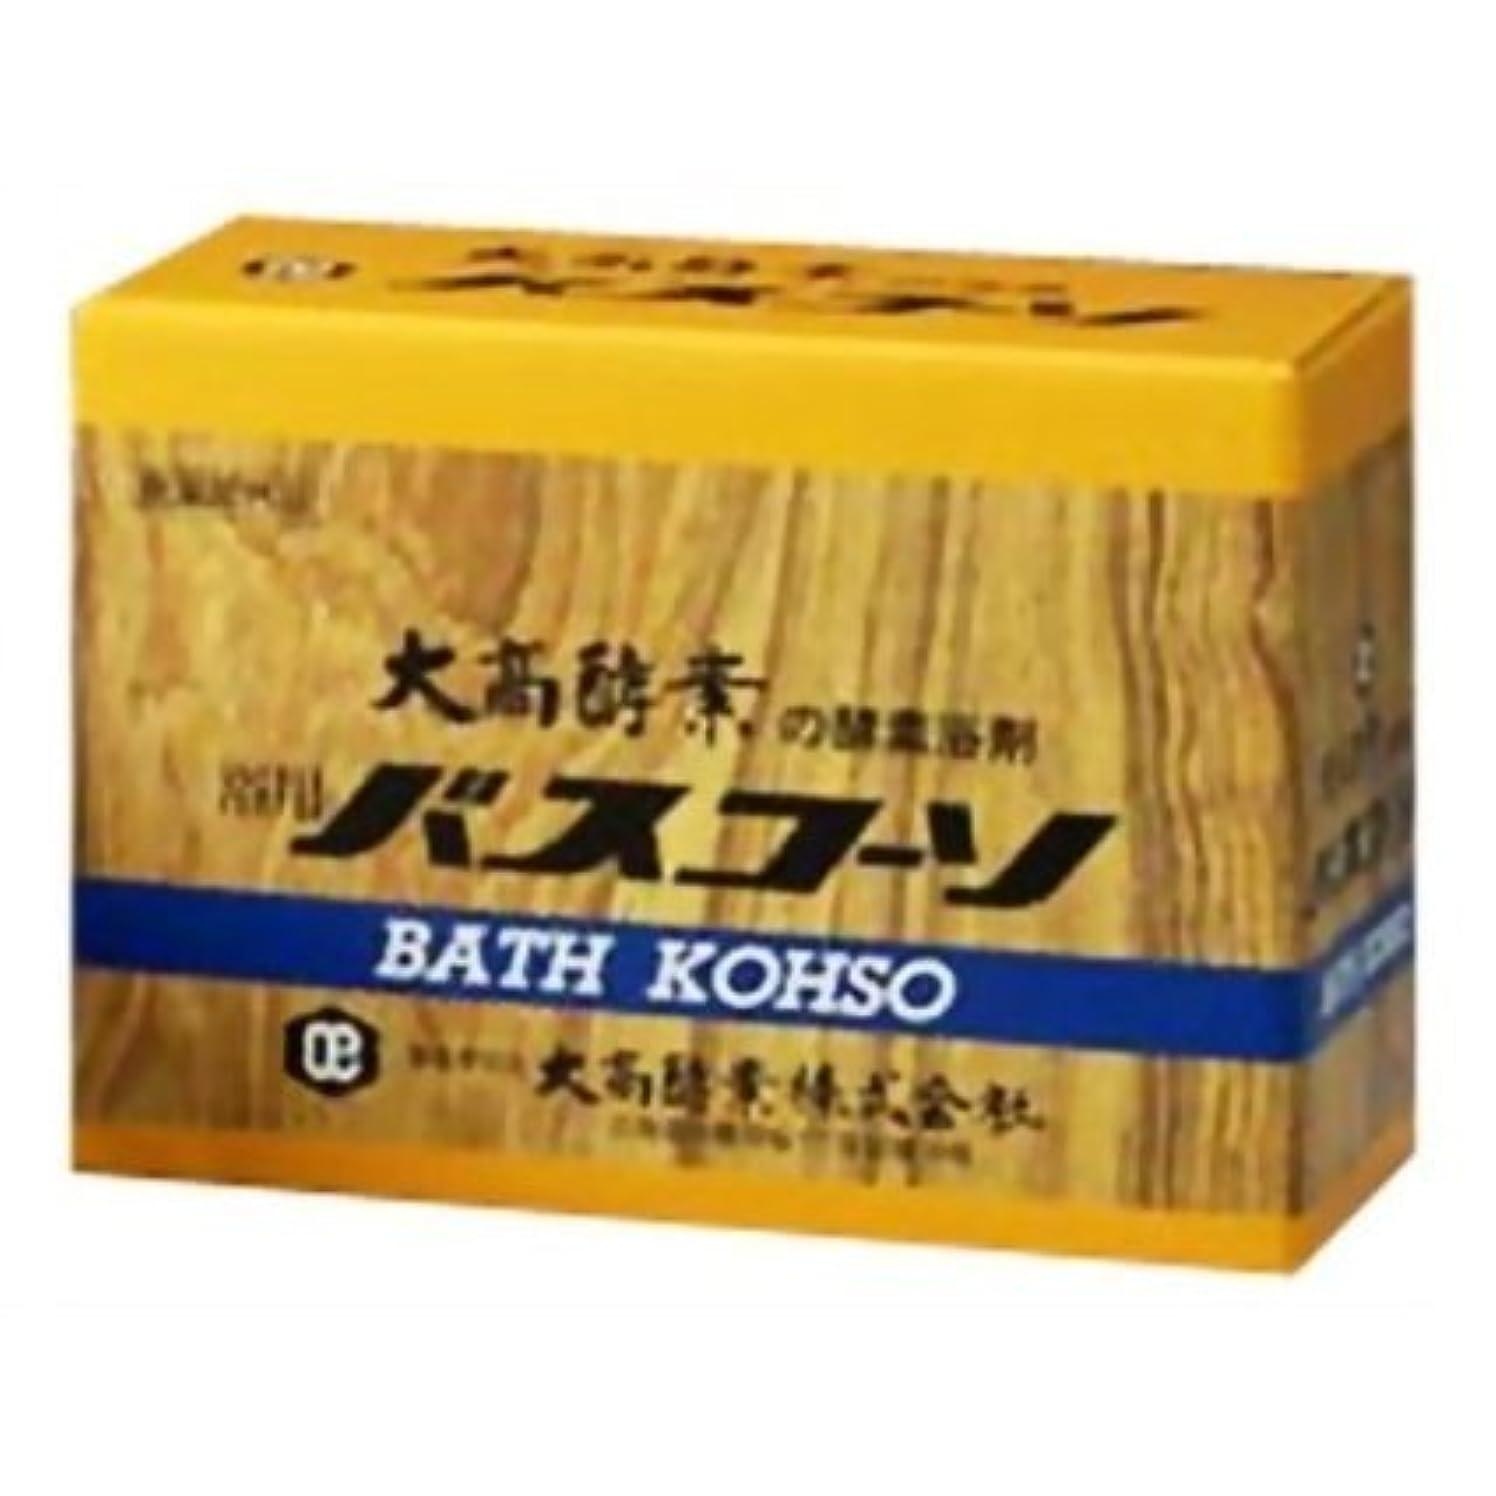 ディレクトリ価値惨めな大高酵素 浴用バスコーソ 100gx6 【4個セット】